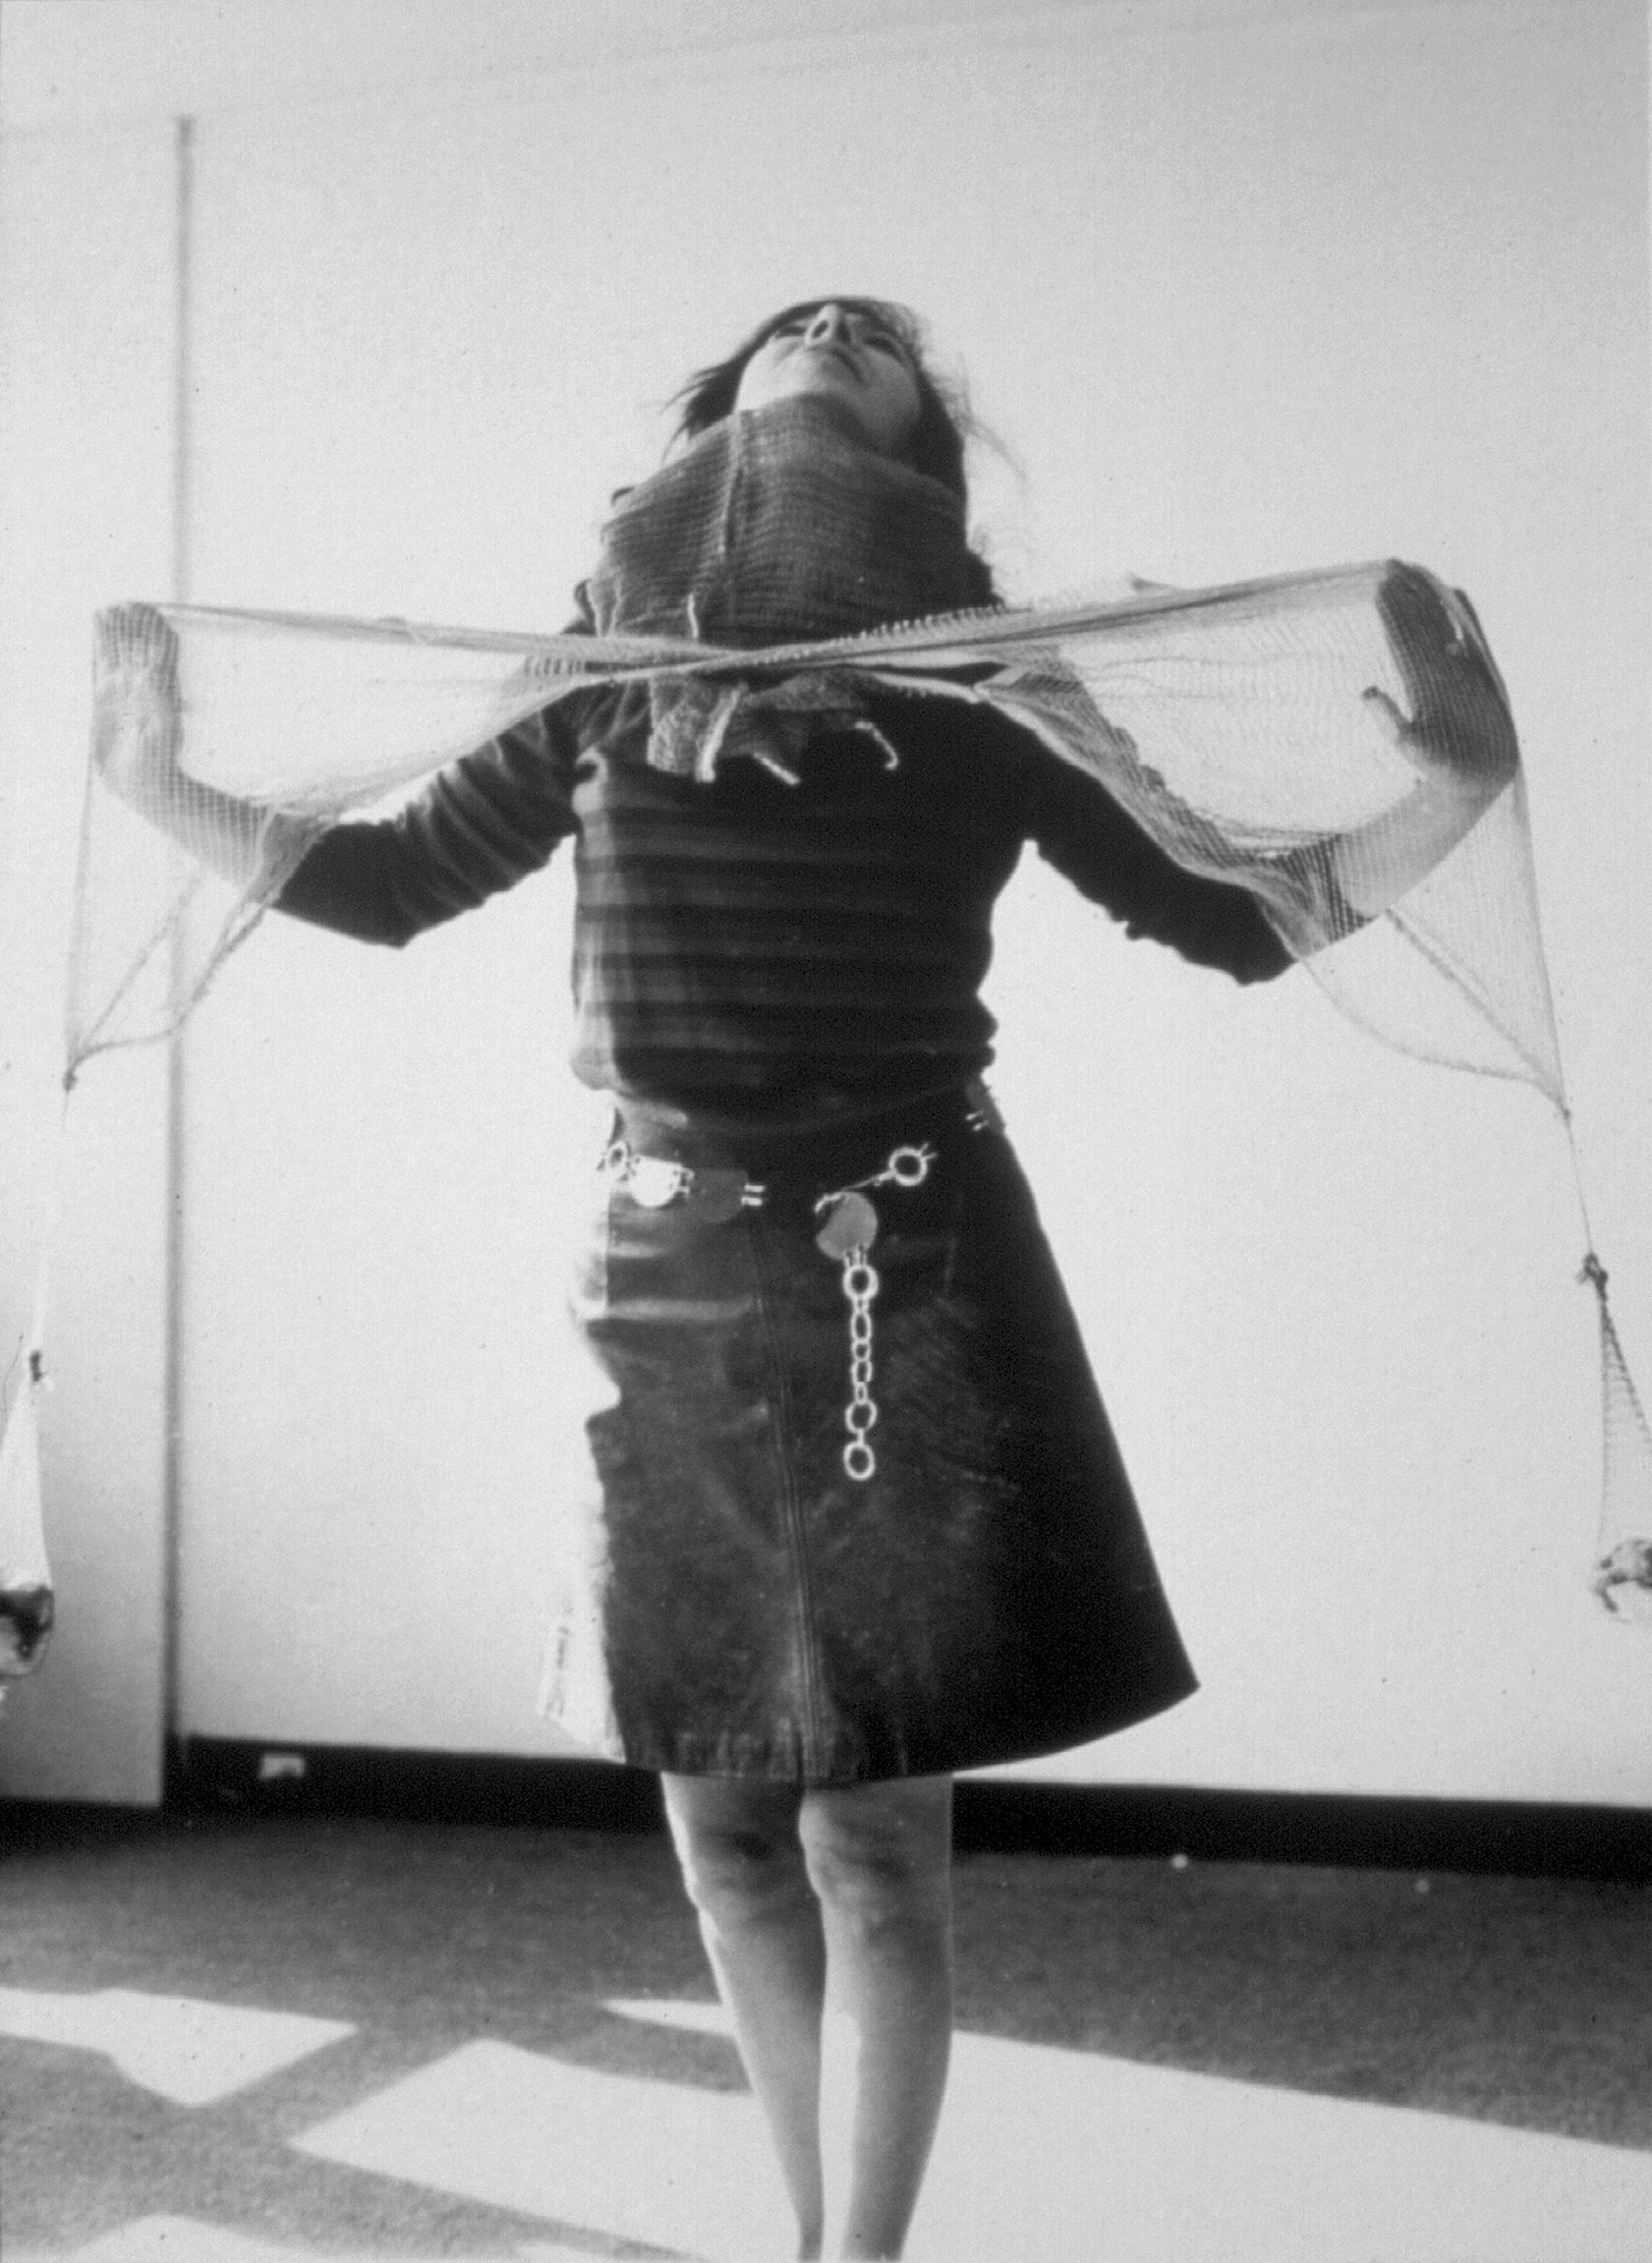 """Lygia Clark, Camisa de força, 1969. mostrada en uso probablemente en París, in 1969. Cortesía Associação Cultural """"O Mundode Lygia Clark,"""" Rio de Janeiro."""